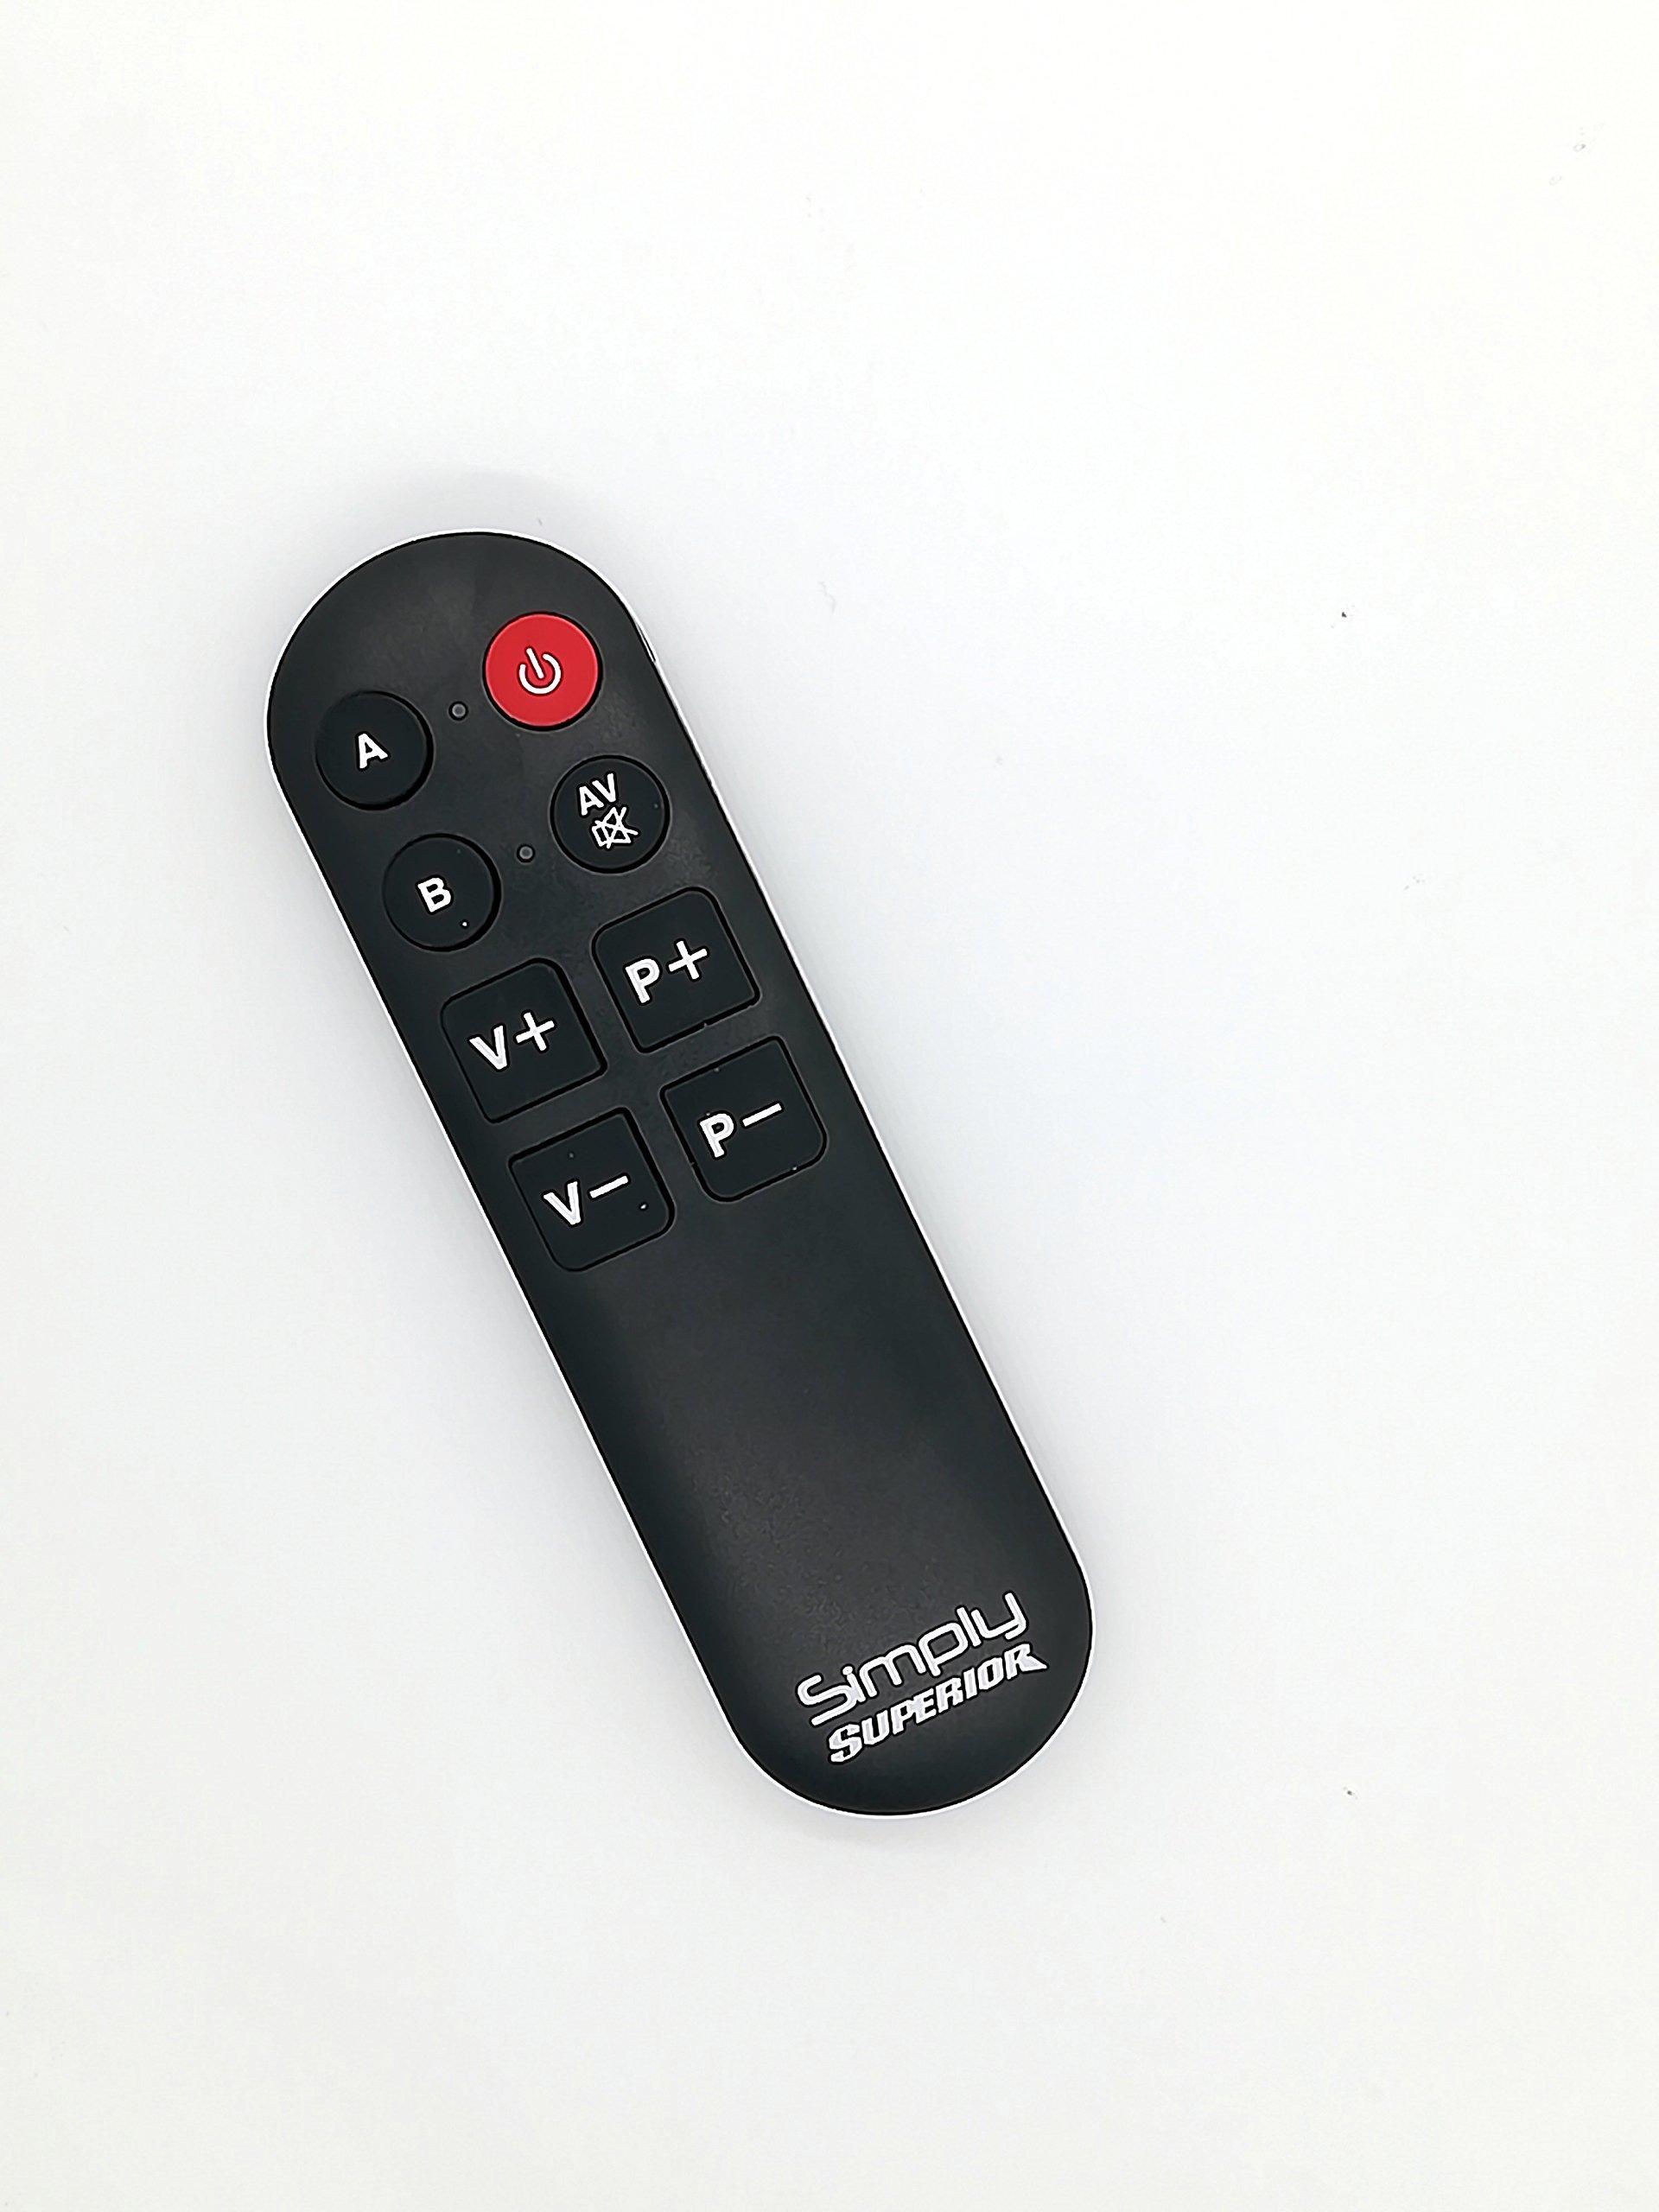 Simply - Mando a Distancia Universal con Teclas Grandes para 2 Equipos: Amazon.es: Electrónica